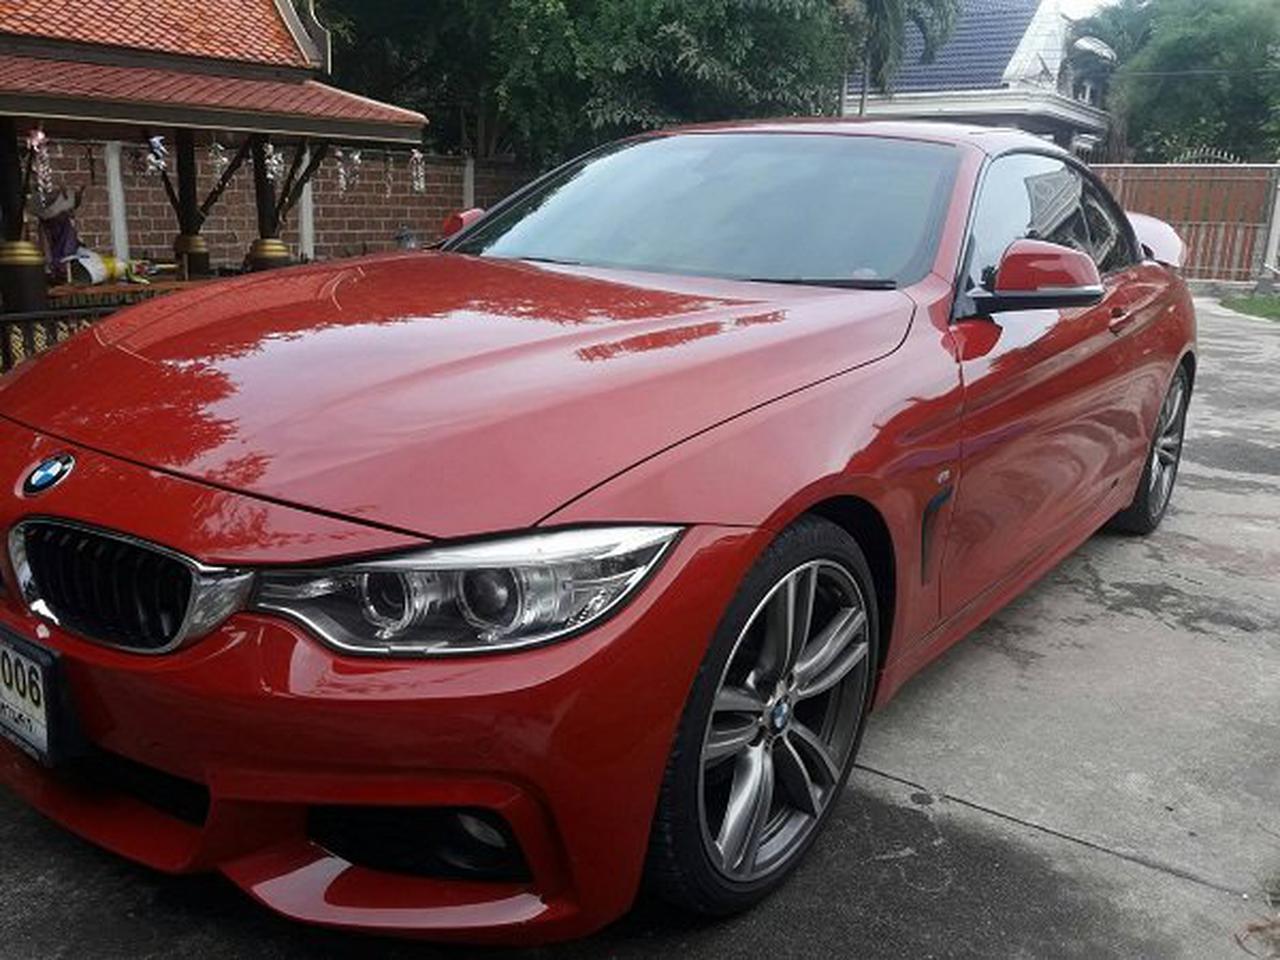 ขายรถเก๋ง BMW 420 D f32 เขตบางเขน กรุงเทพ ฯ 10230 รูปที่ 1